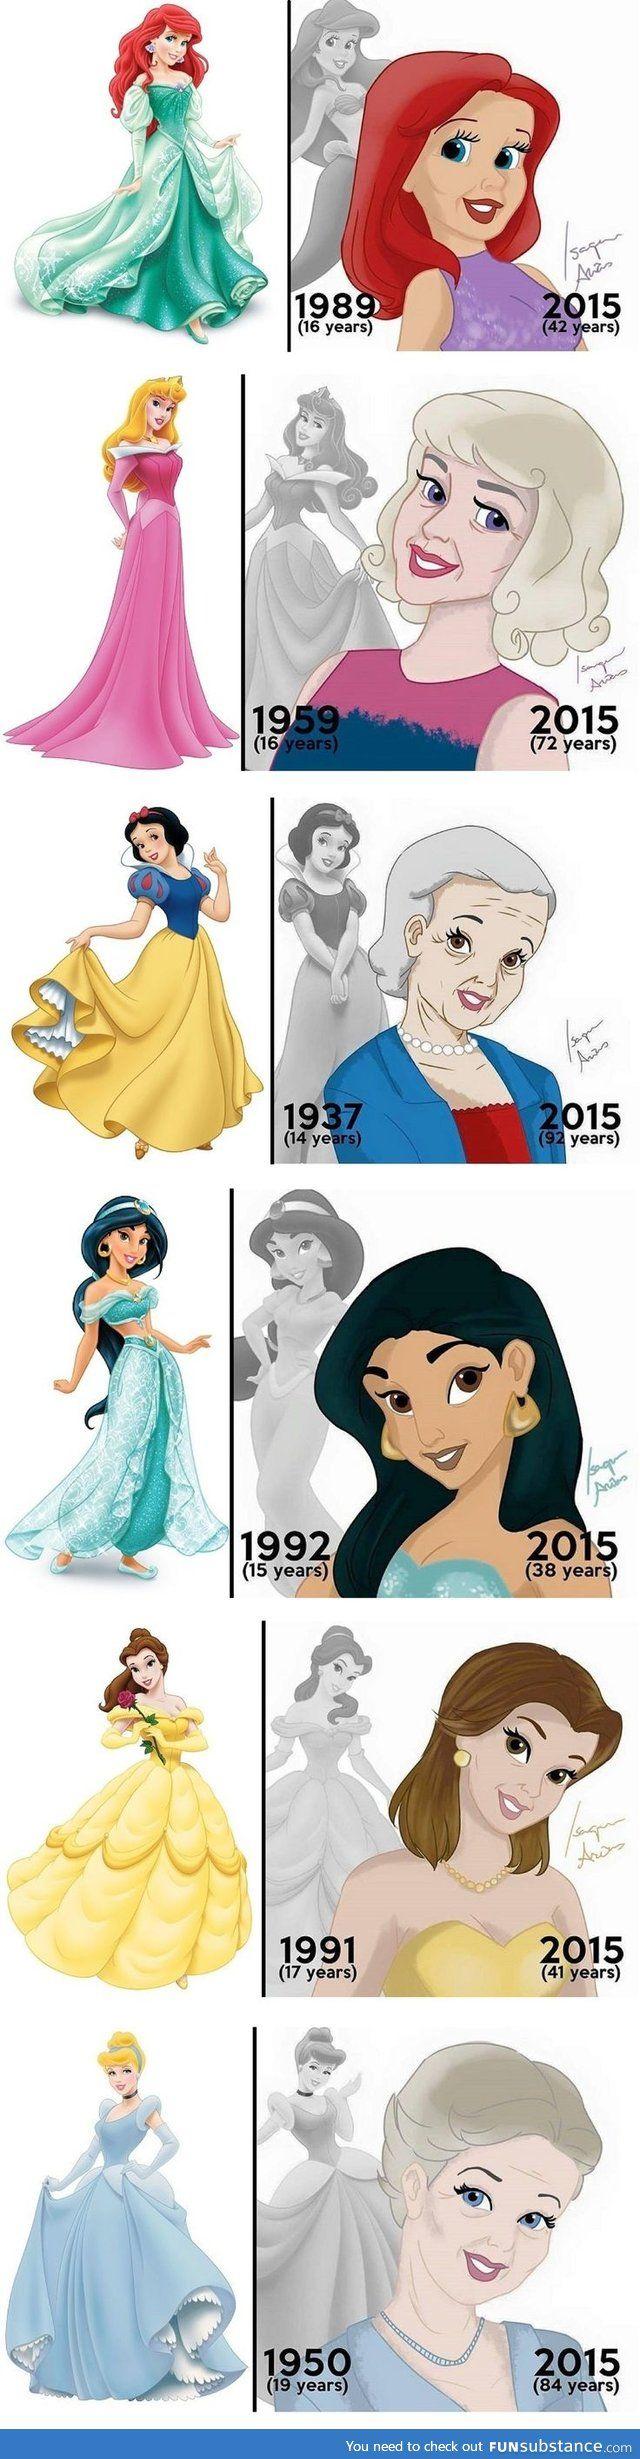 Disney princesses in 2015